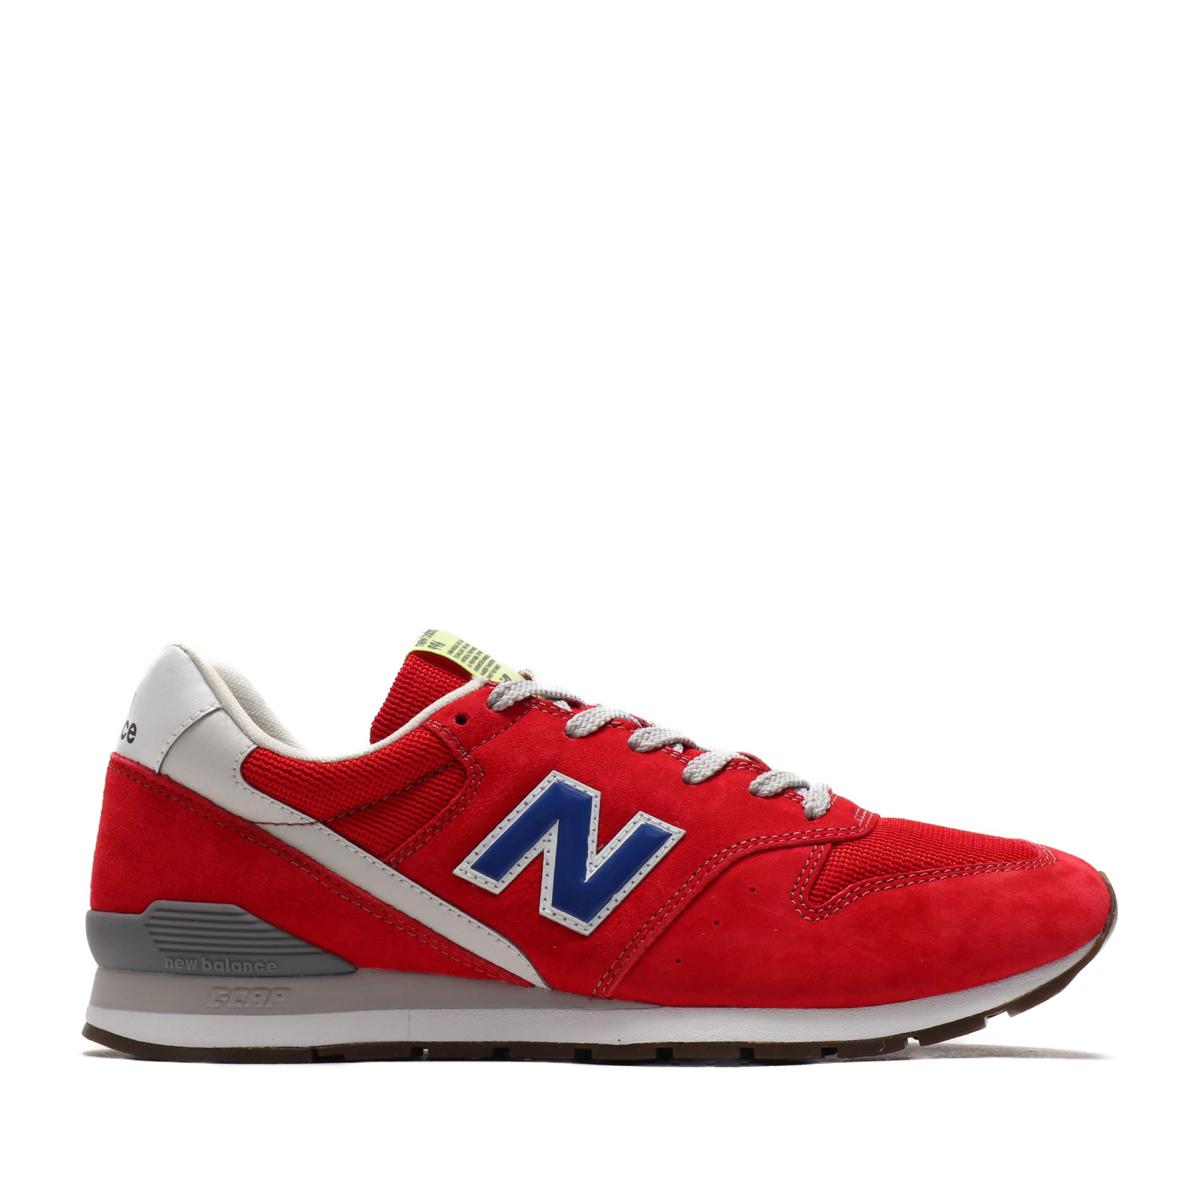 New Balance CM996URR(RED/BLUE)(ニューバランス CM996URR)【メンズ】【スニーカー】【20SS-I】